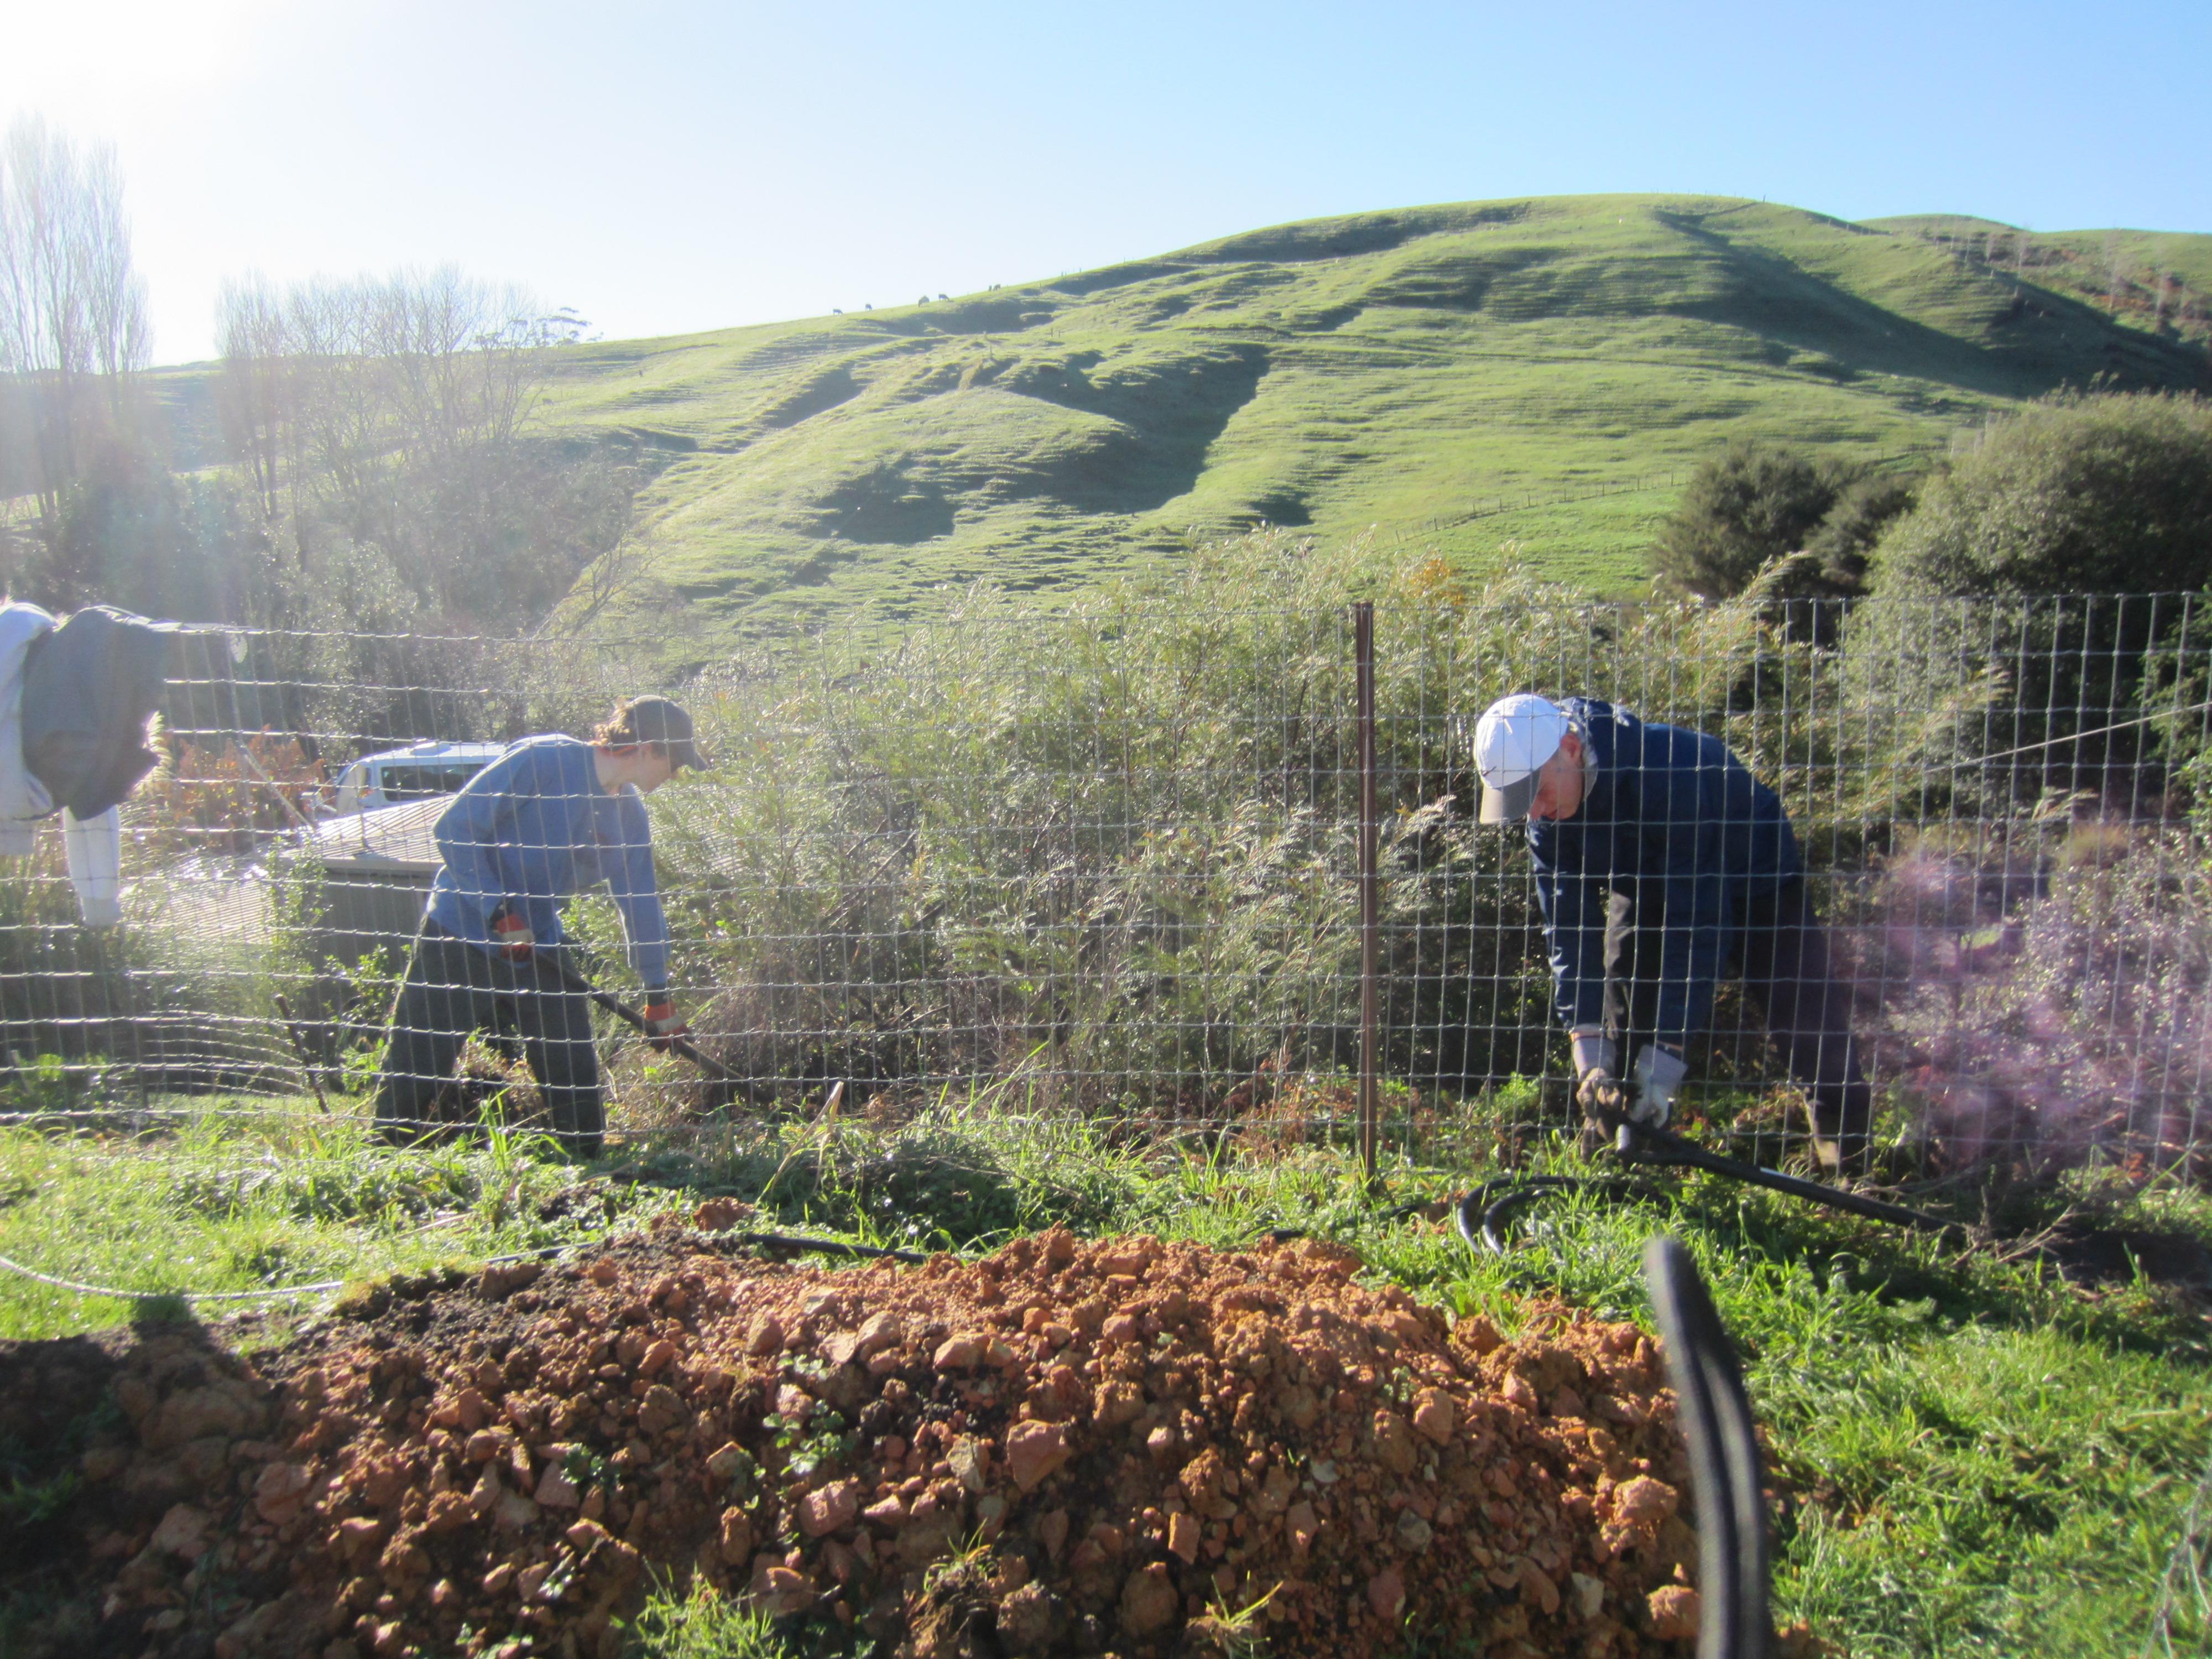 Summer Program - Promoting Volunteerism | Global Works - New Zealand & Fiji Islands: Eco-Adventure